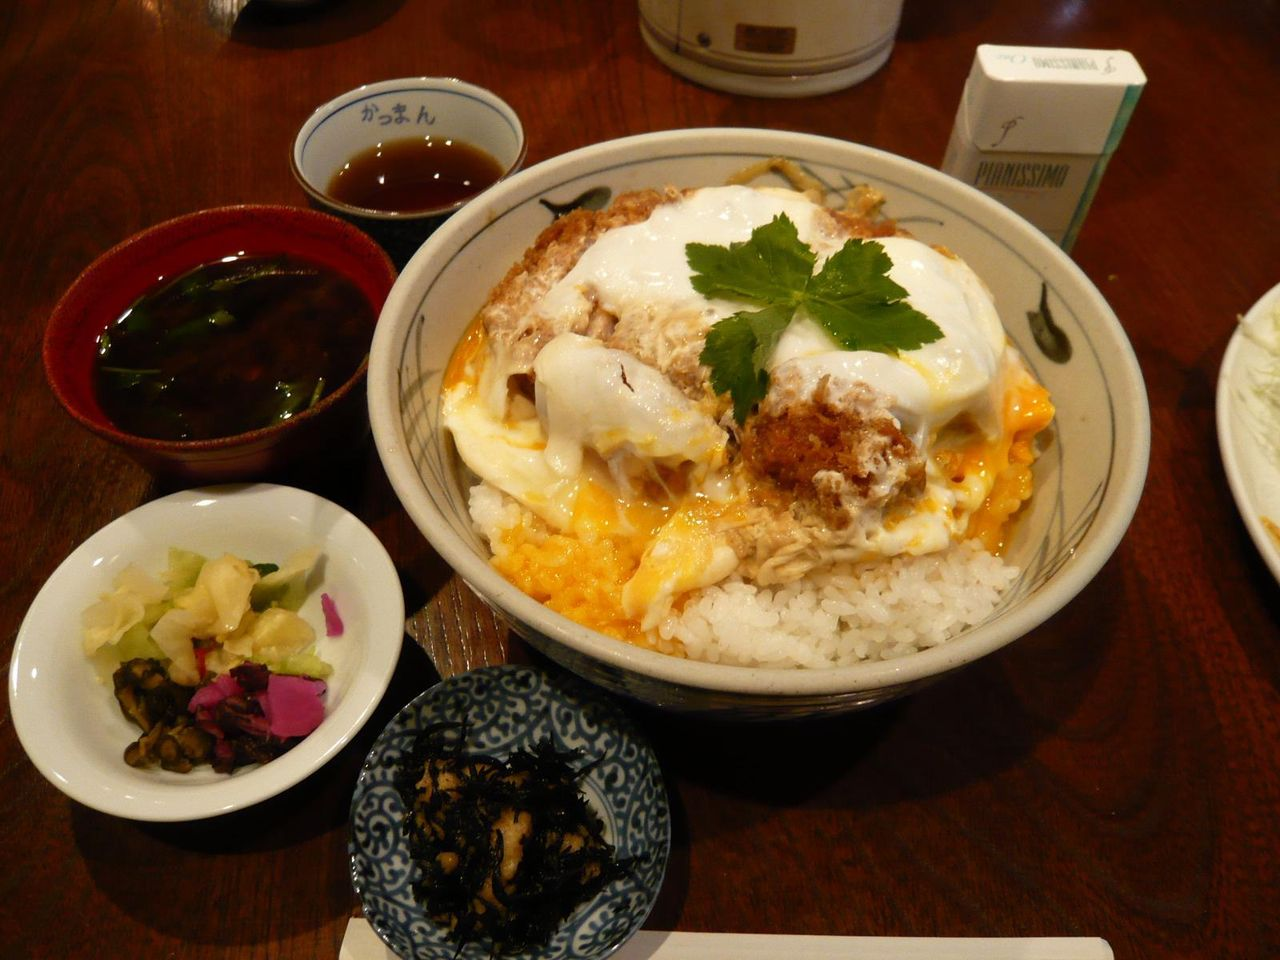 小鉢、漬物、赤ダシ味噌汁付き!・・・大かつ丼大盛1,700円